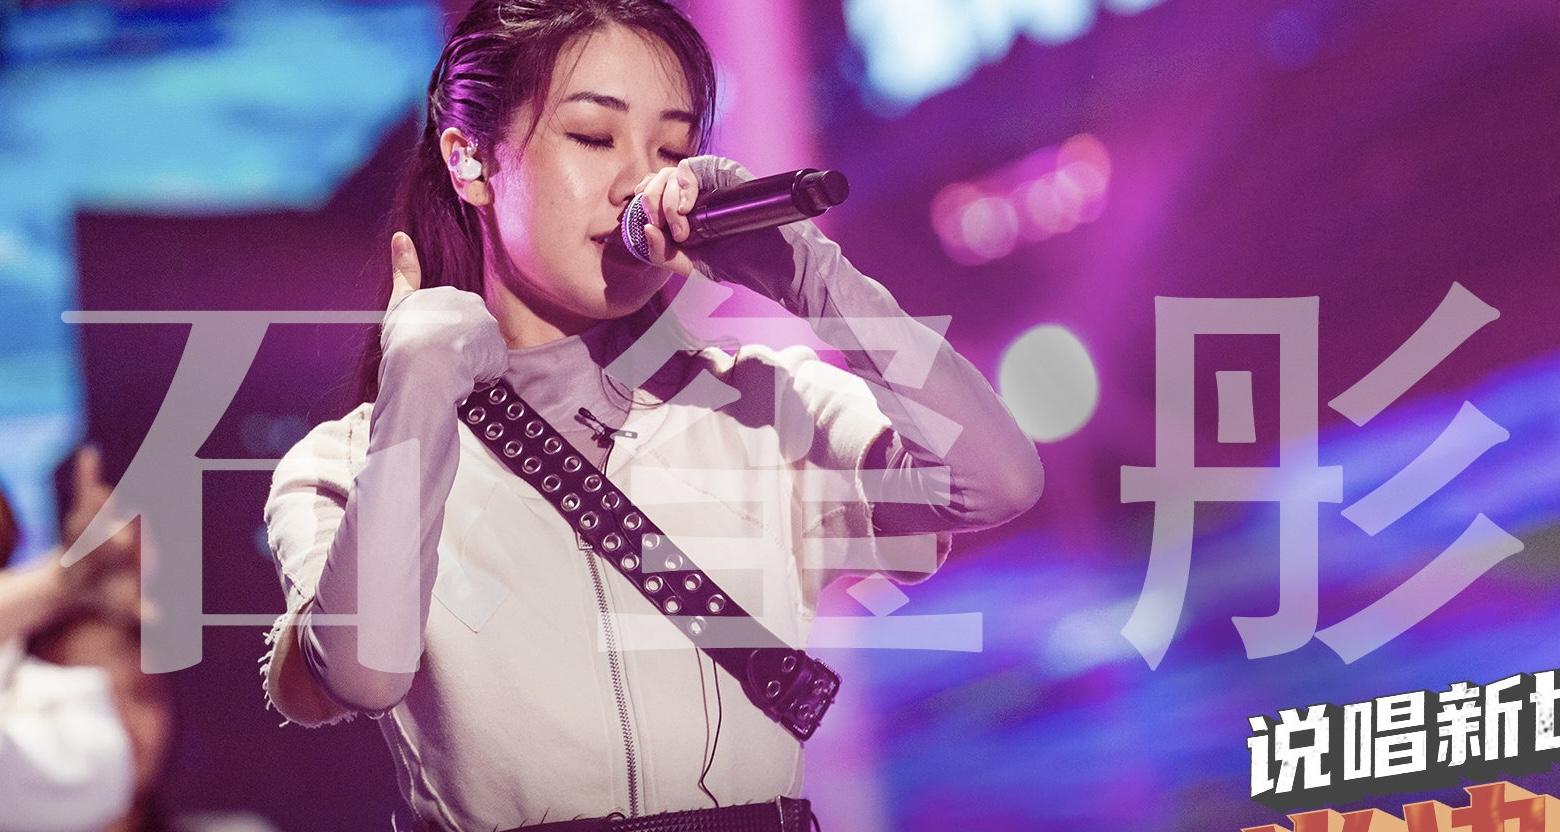 石玺彤告别《说唱新世代》专辑舞台全面开花